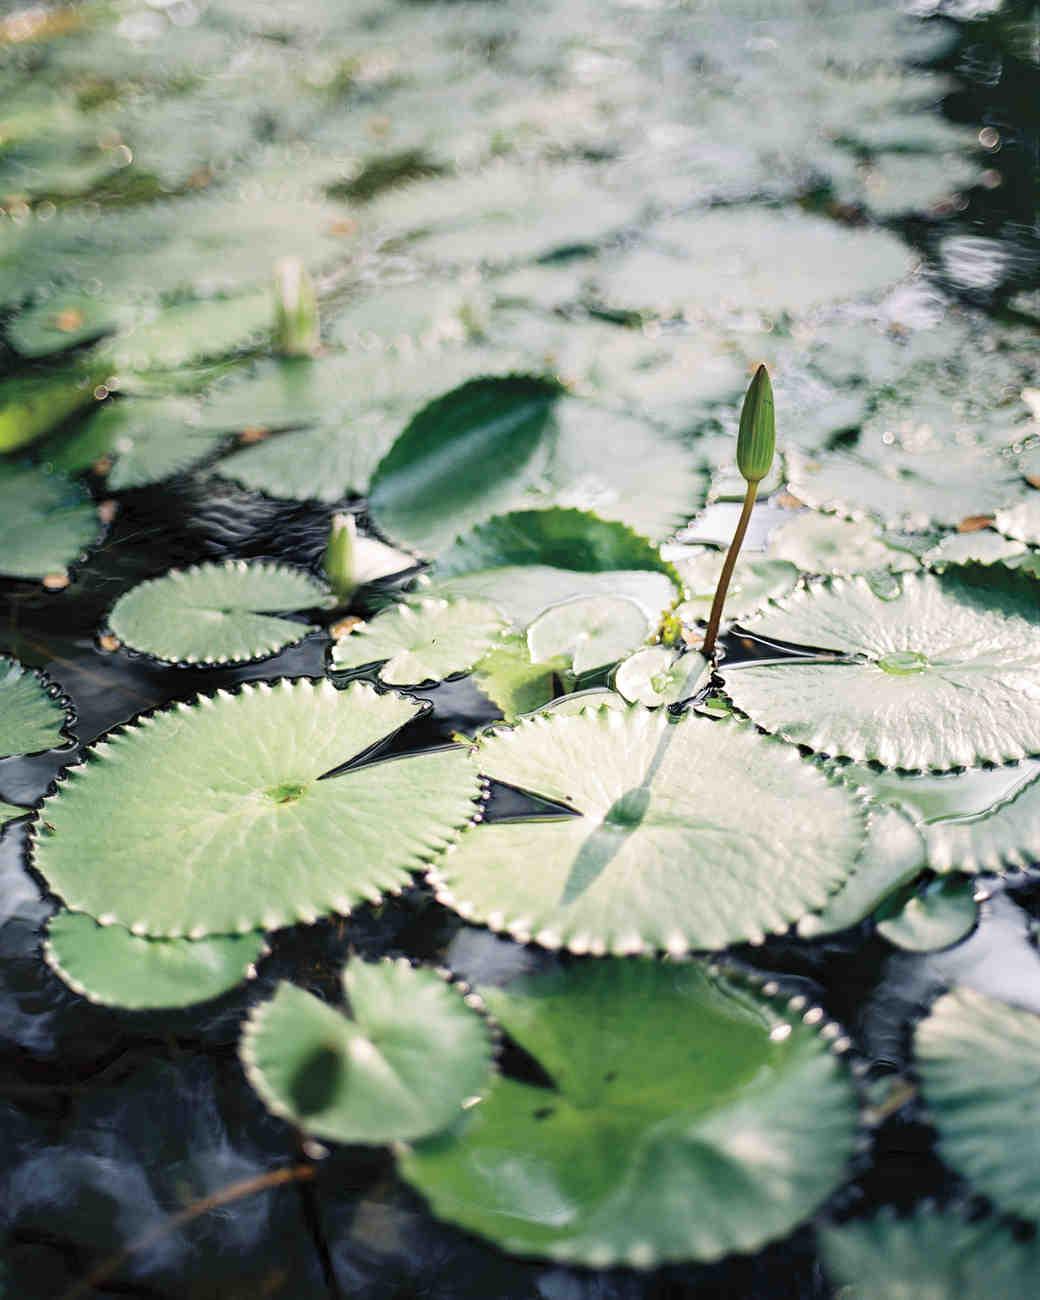 lo-wong-lotus-mwds109374.jpg